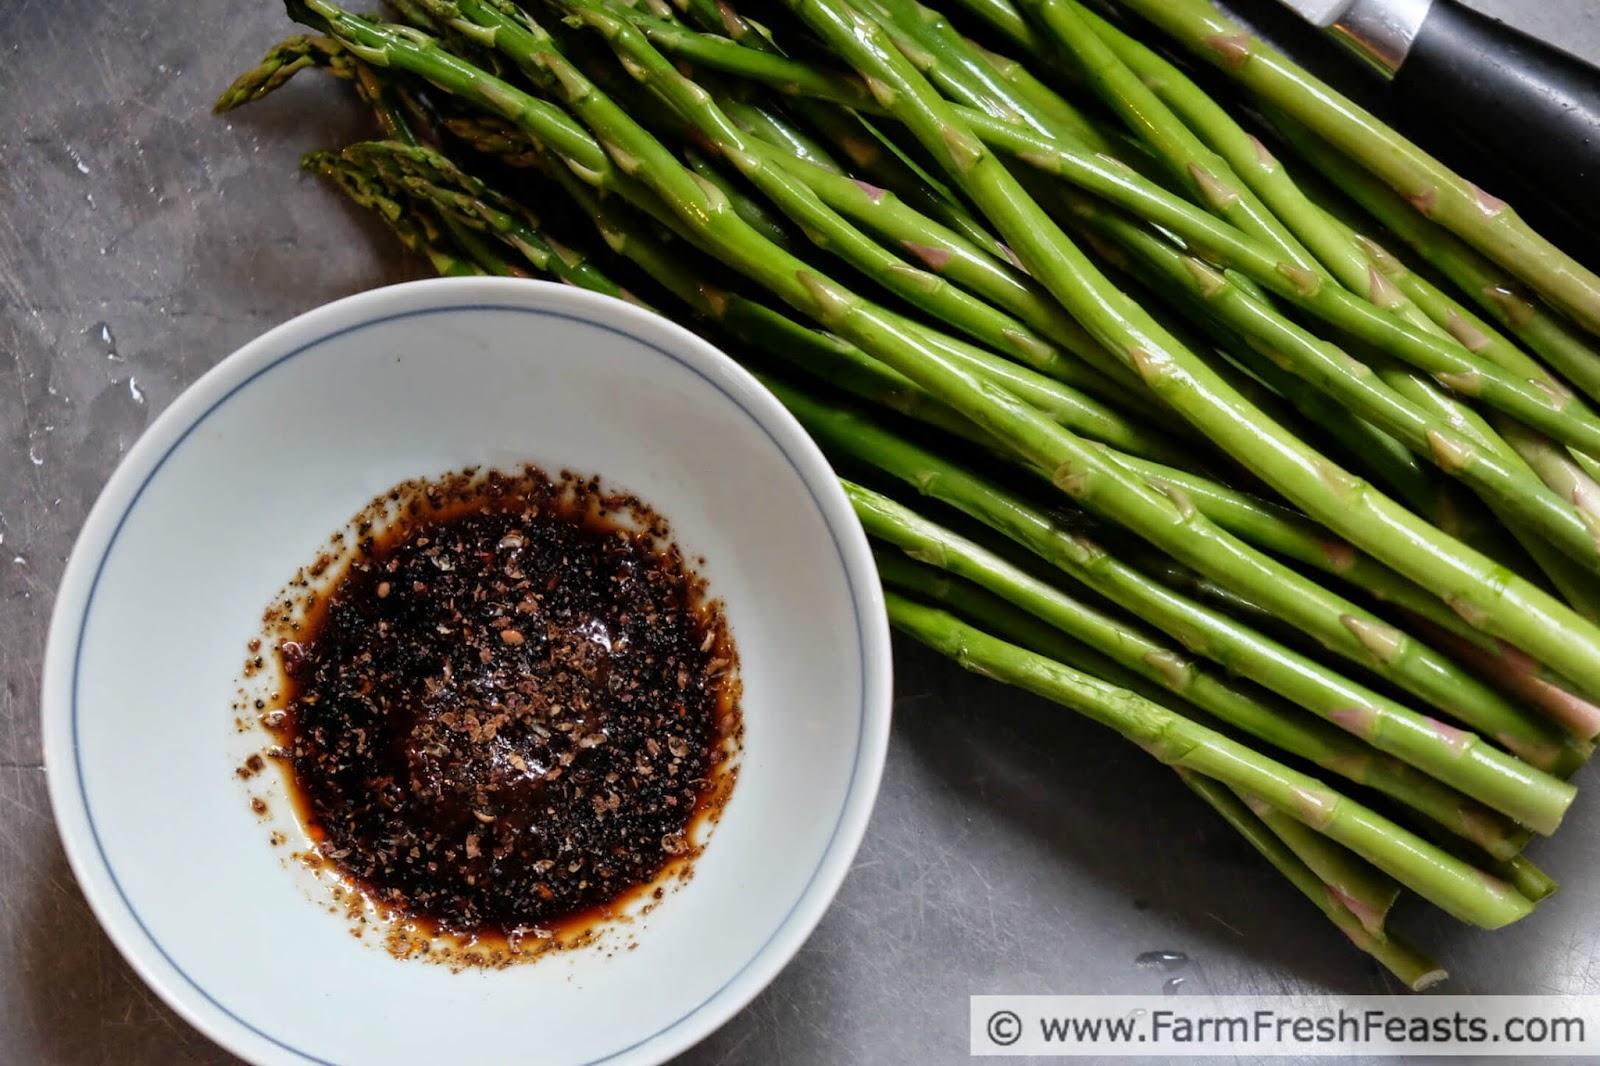 http://www.farmfreshfeasts.com/2015/04/szechuan-asparagus-with-ma-po-sauce.html